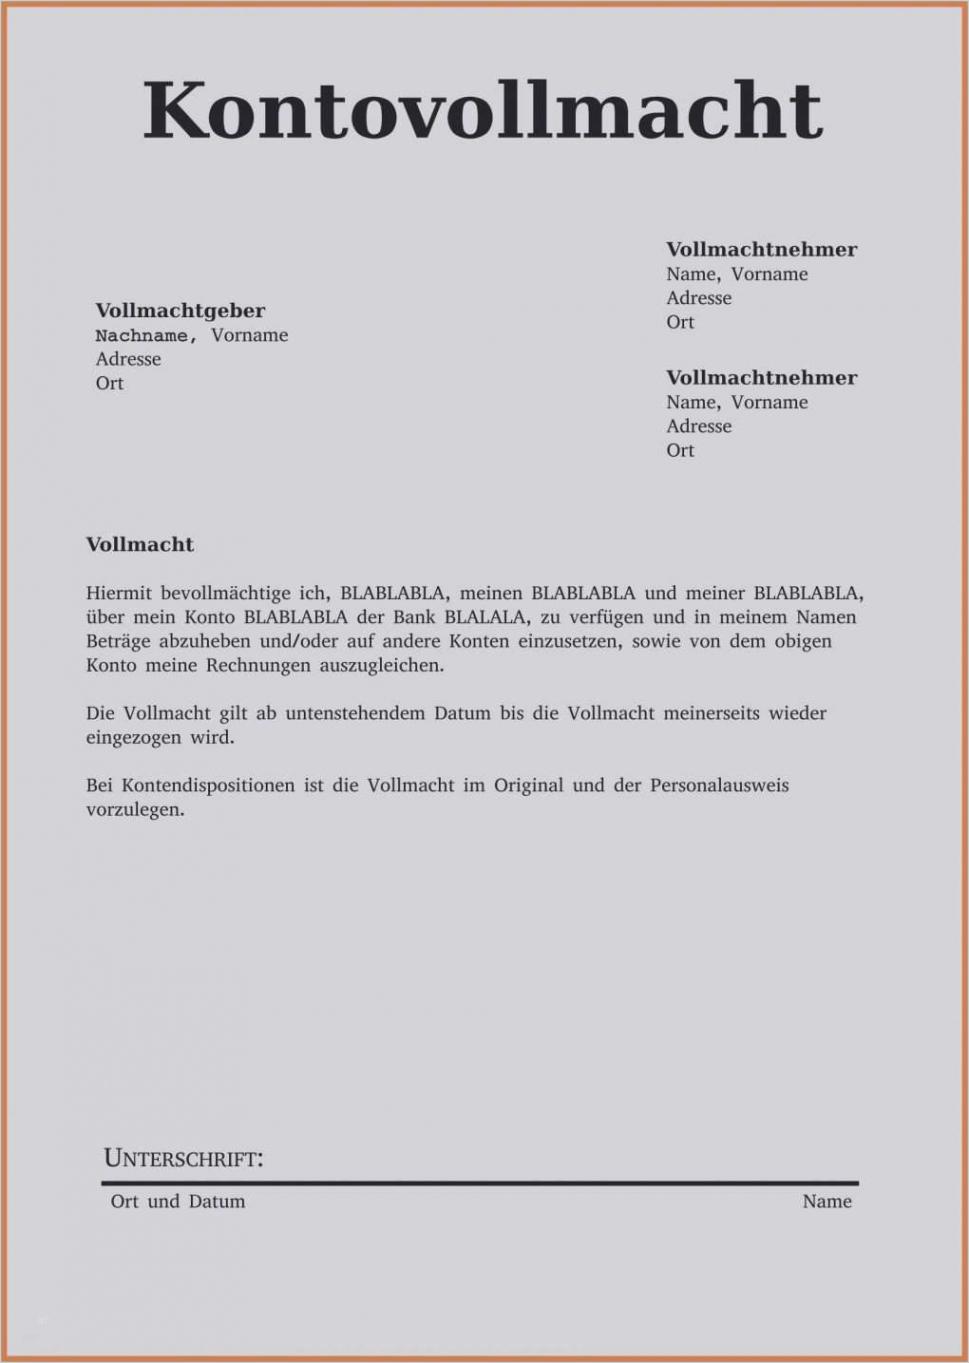 Sampler Bankkonto Kündigung Vorlage